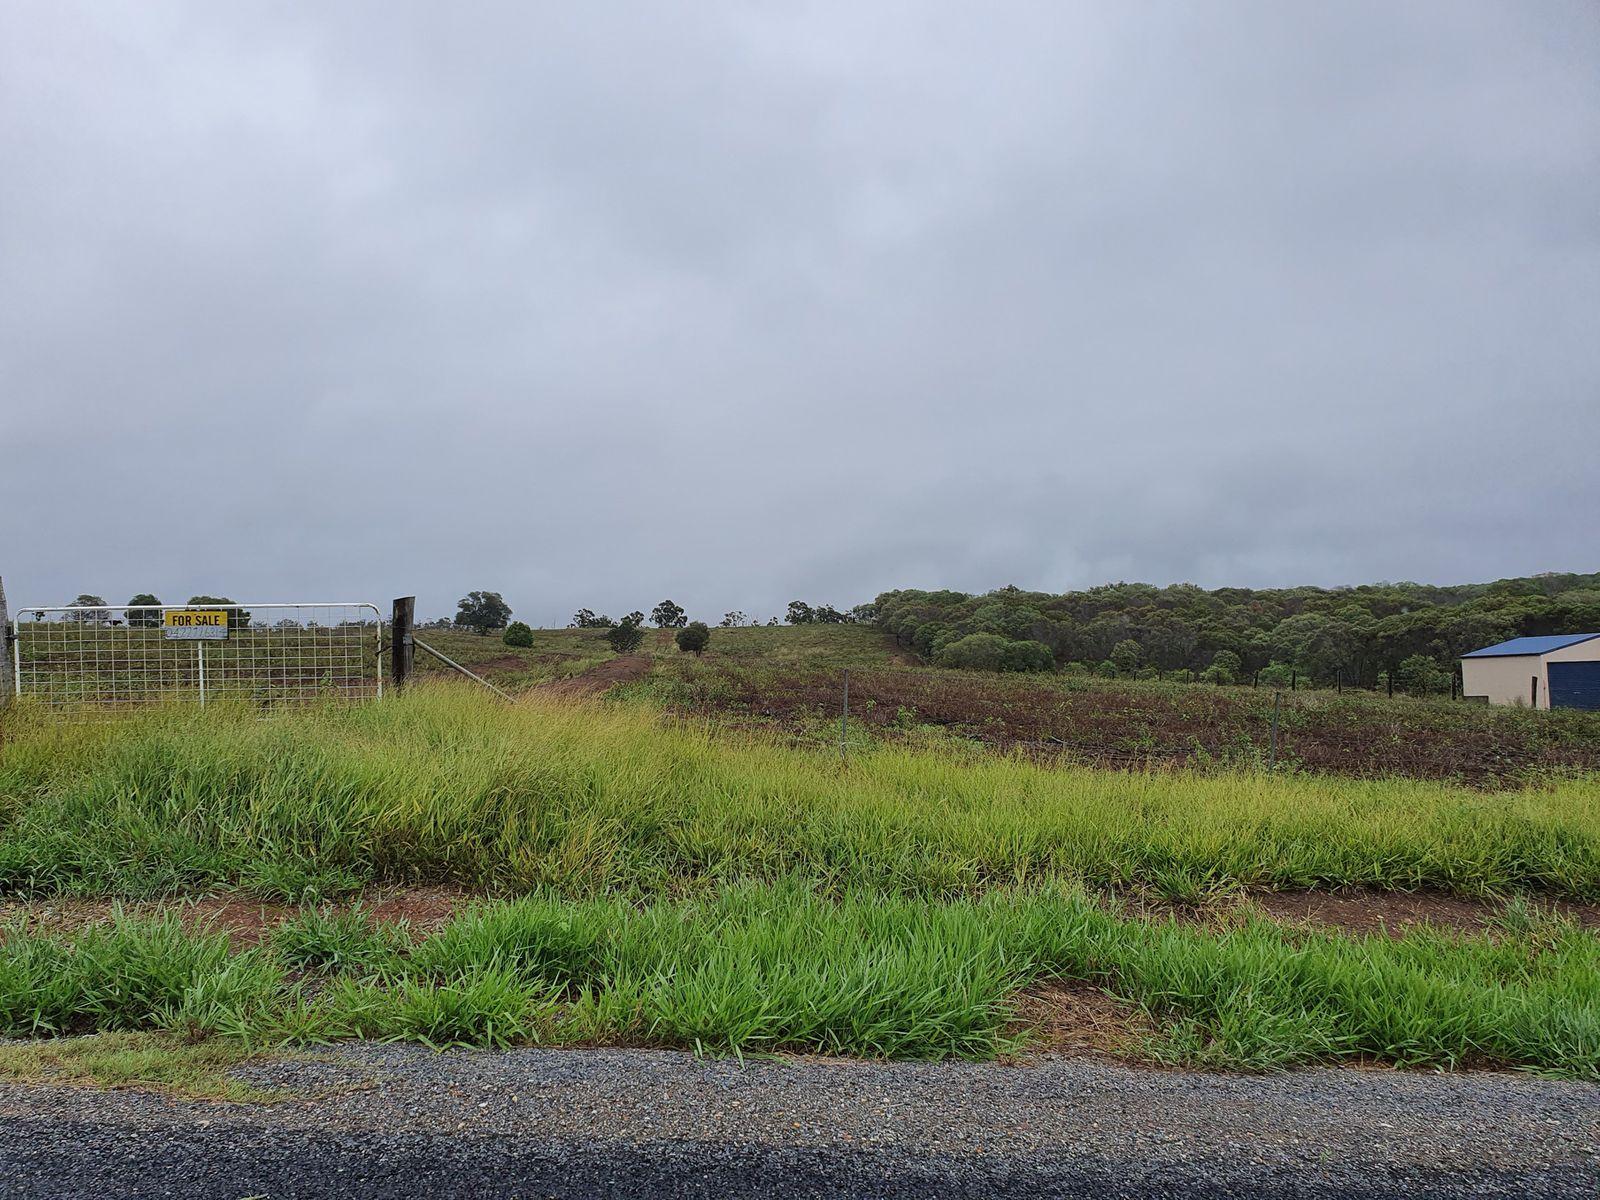 Lot 2/0 South Bucca Road, Bucca, QLD 4670